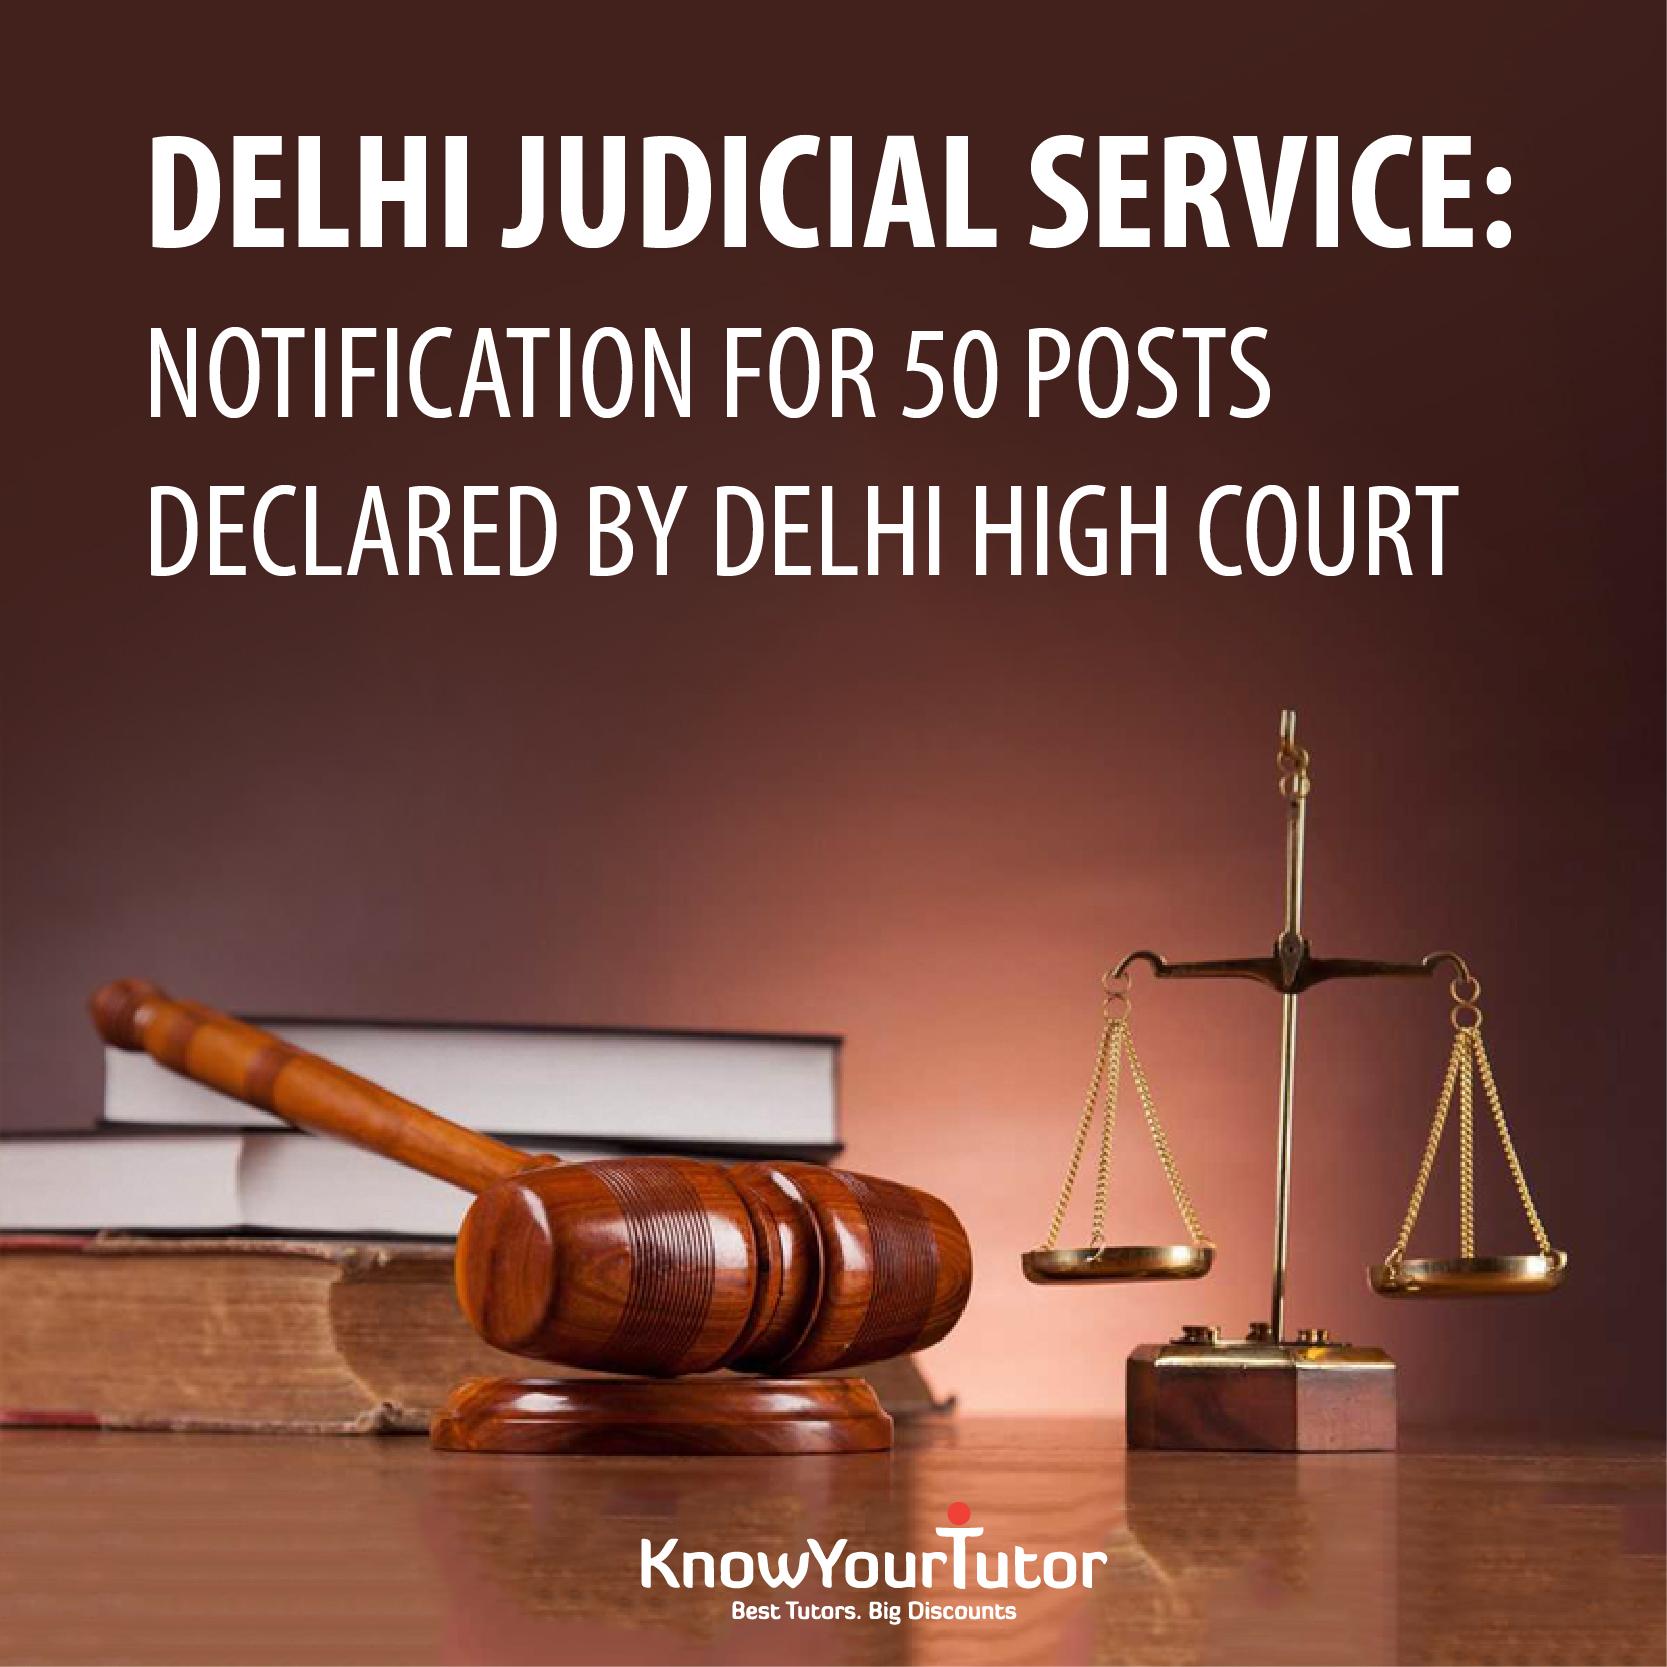 DELHI JUDICIAL SERVICE